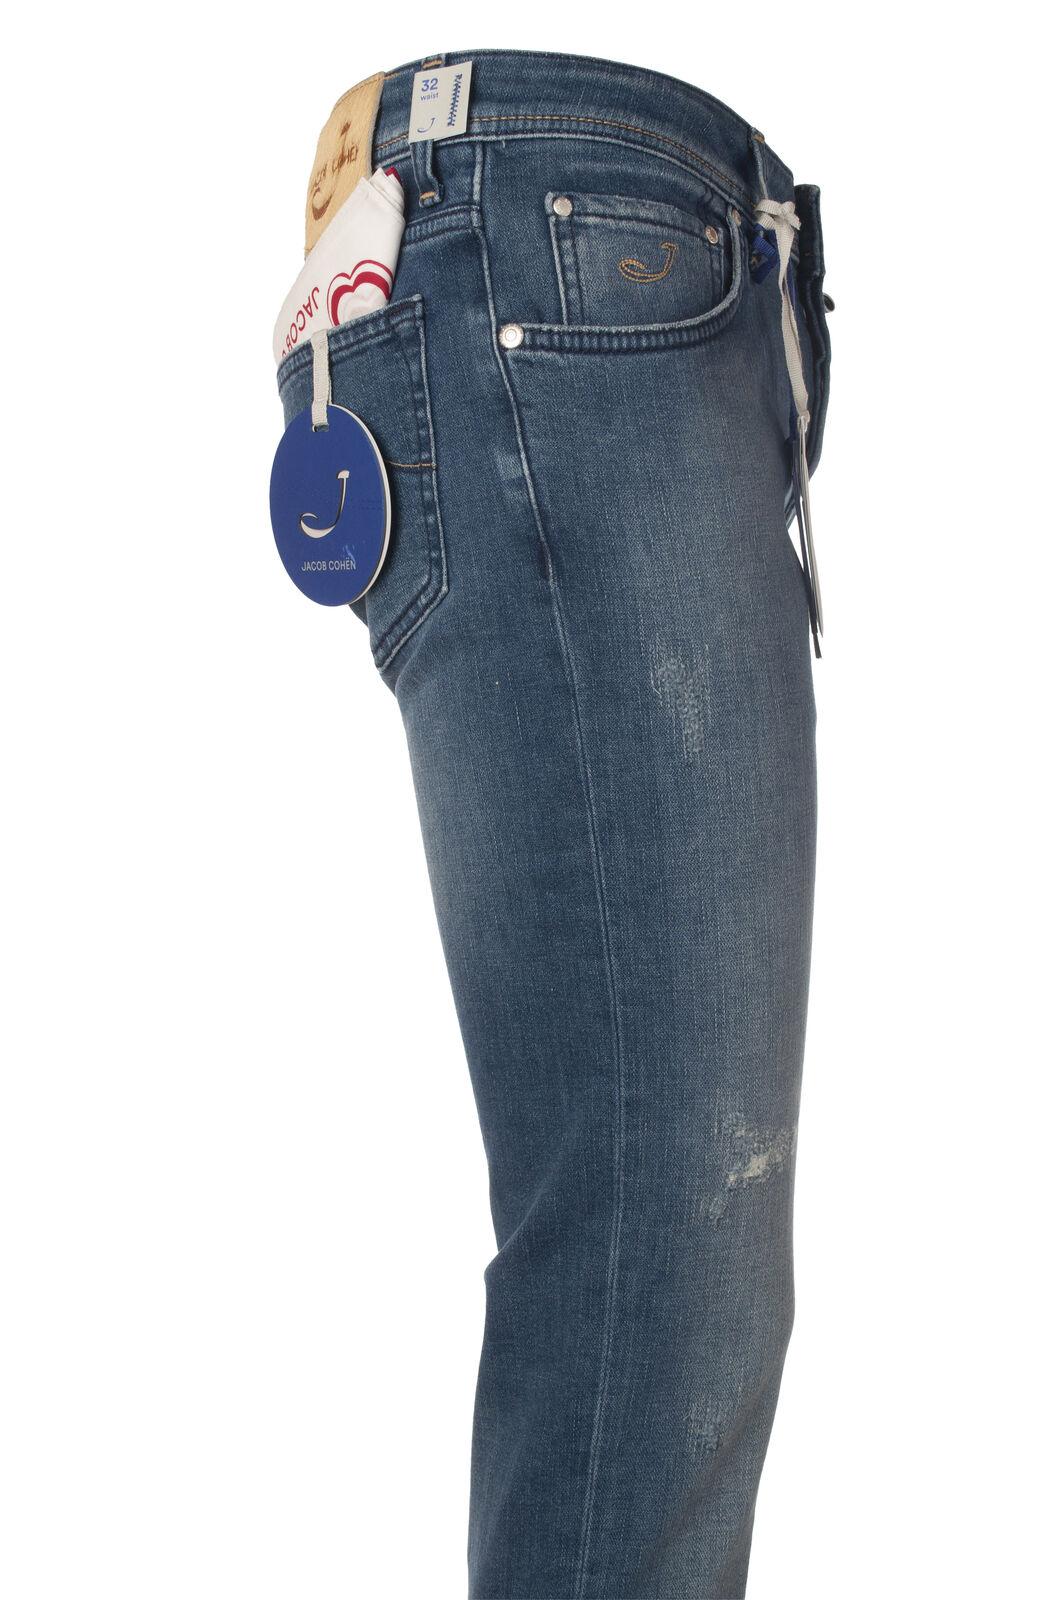 Jacob Cohen - Jeans-Hose - Mann - Denim - 5974012C191948